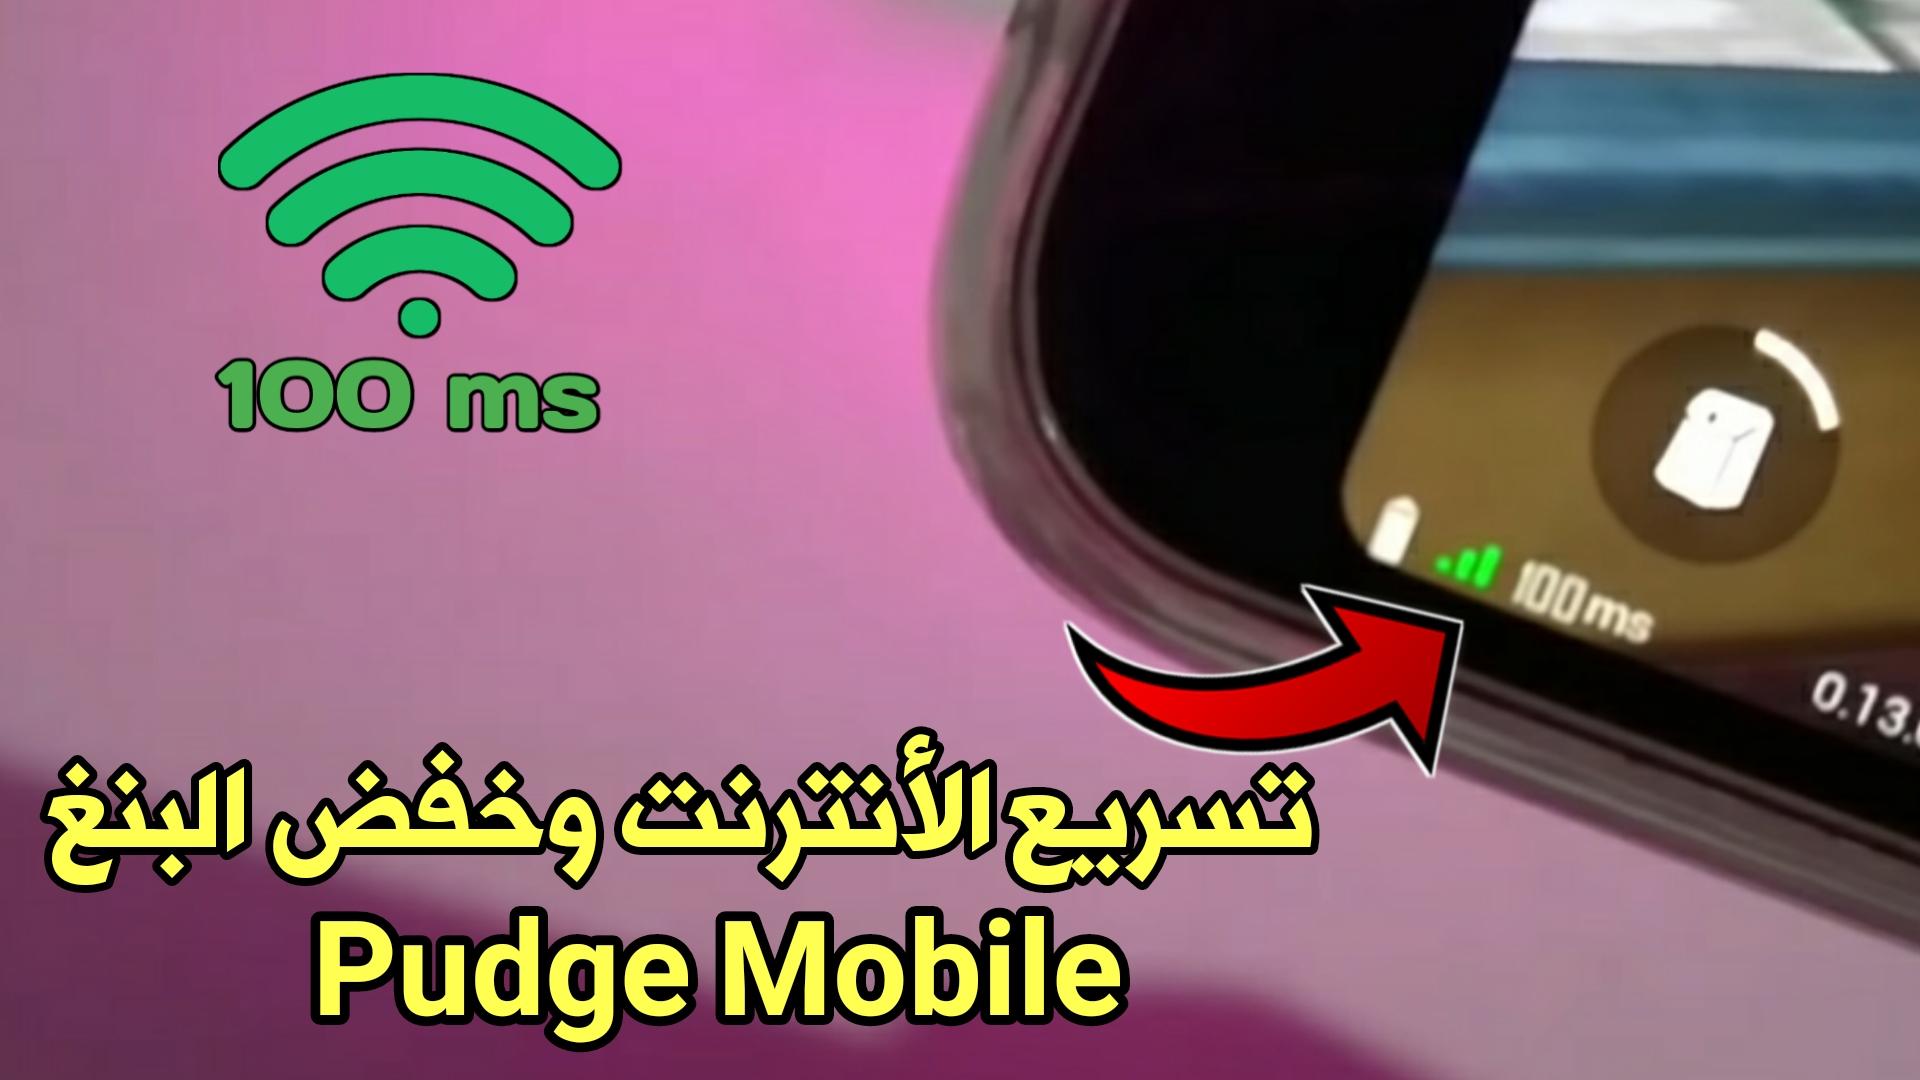 تسريع الأنترنت وخفض البنغ في لعبة pudge Mobile في العراق وجميع الدول العربية